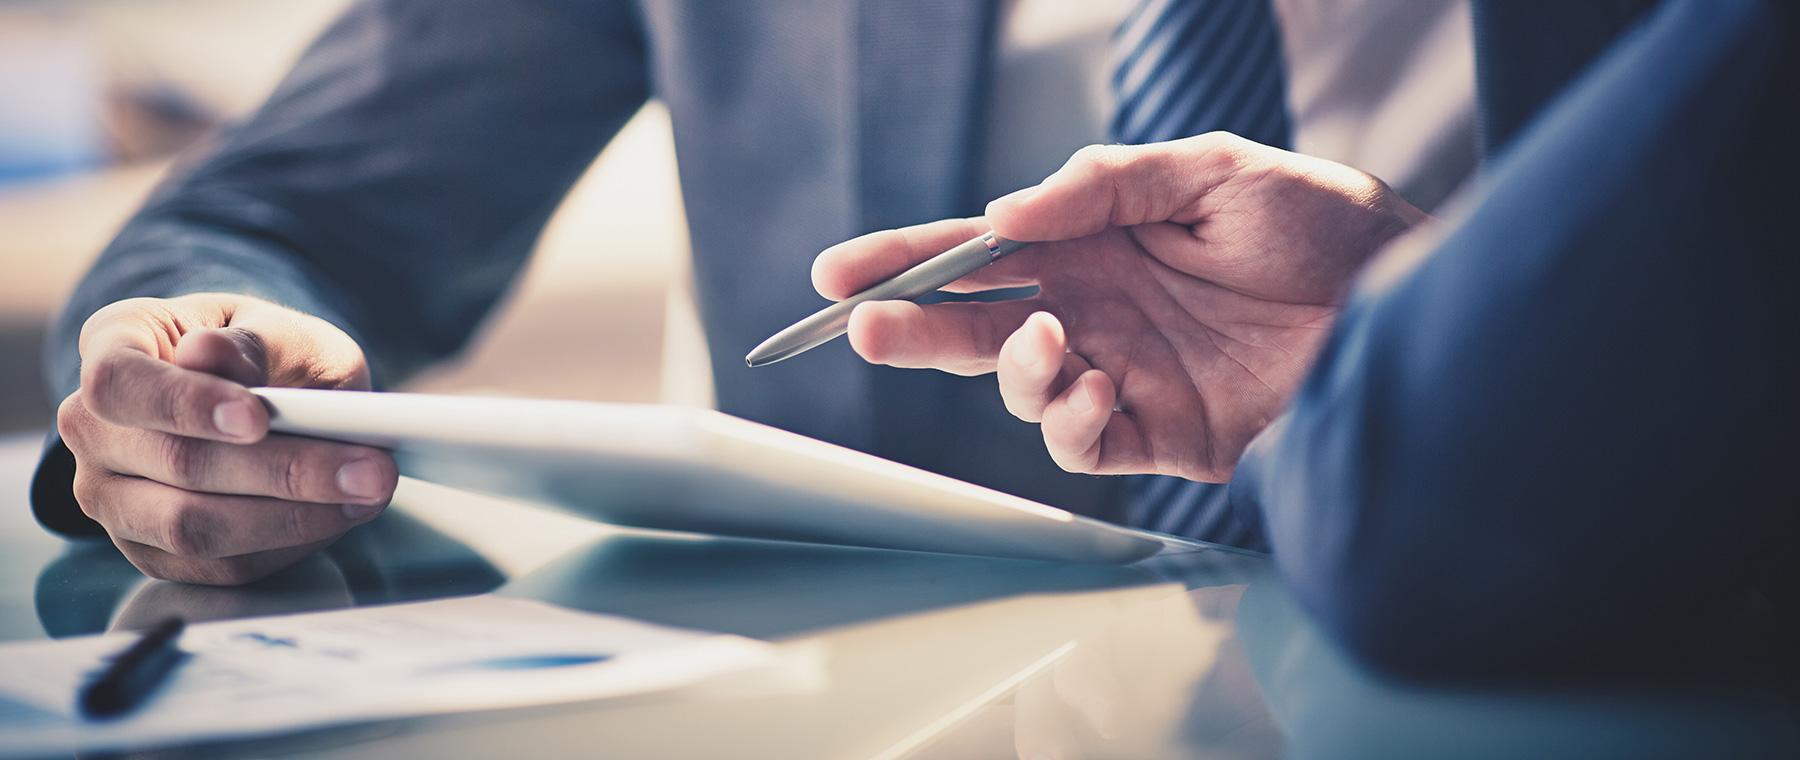 Văn phòng luật Trường Thành Bình Dương khái quát về việc đăng ký thay đổi nội dung và thủ tục thay đổi đăng ký doanh nghiệp của một vài nội dung.